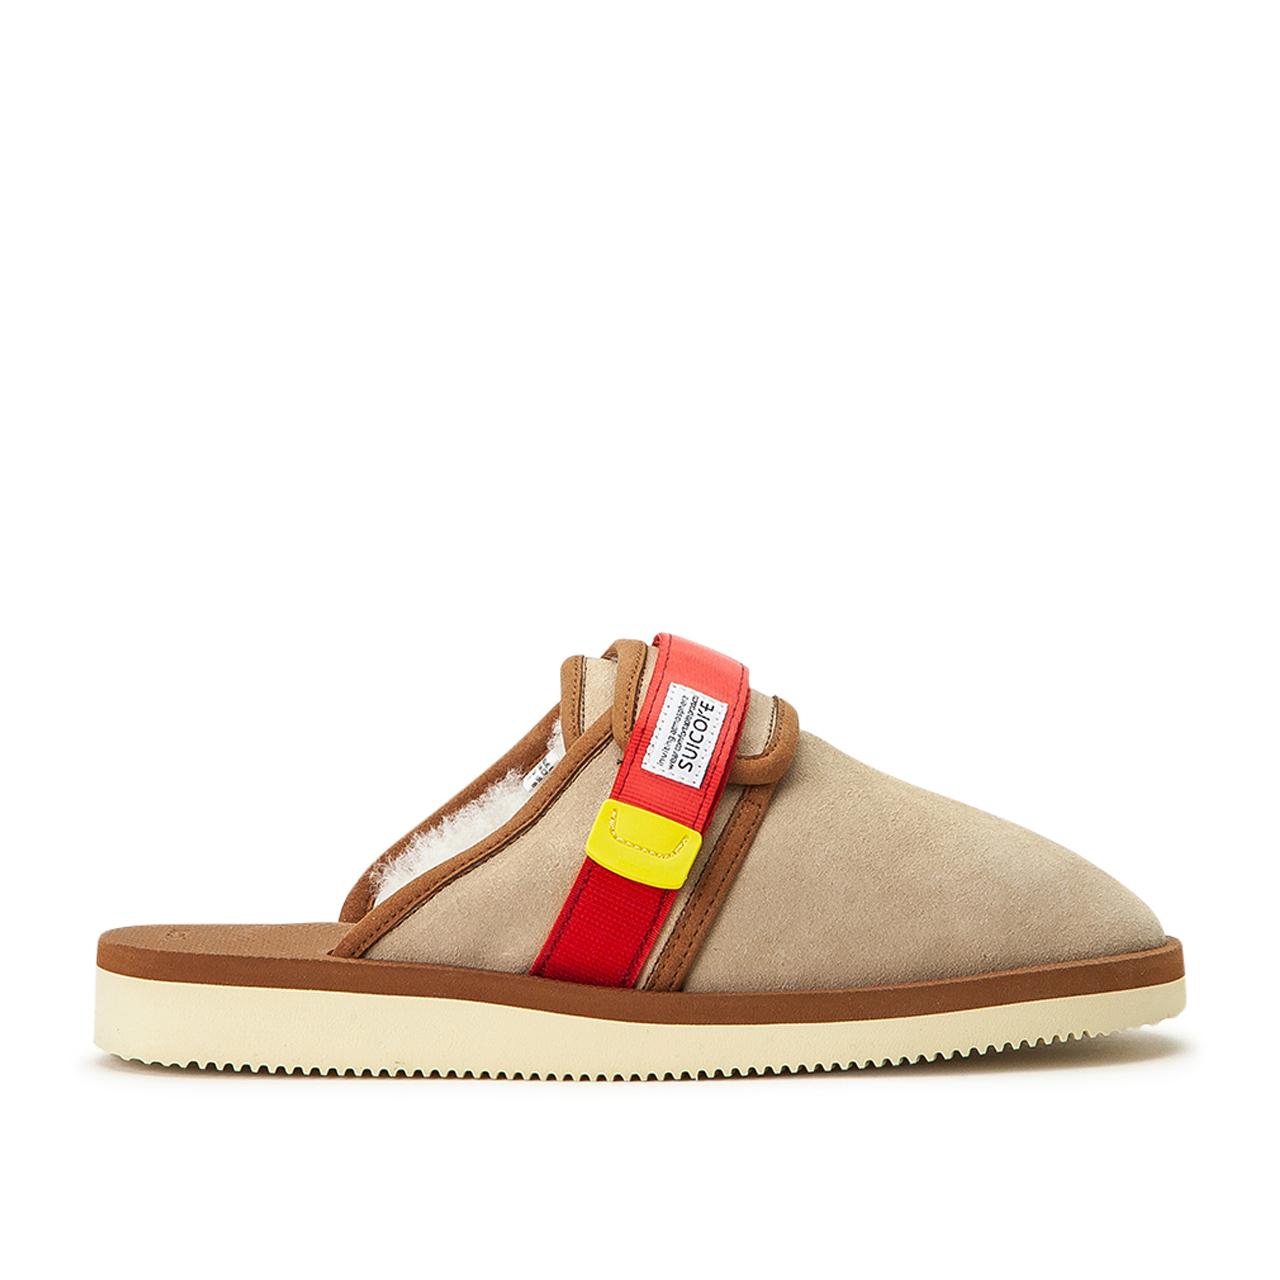 Suicoke Sandals Zavo-Mab (Beige) - OG-072MAB-100